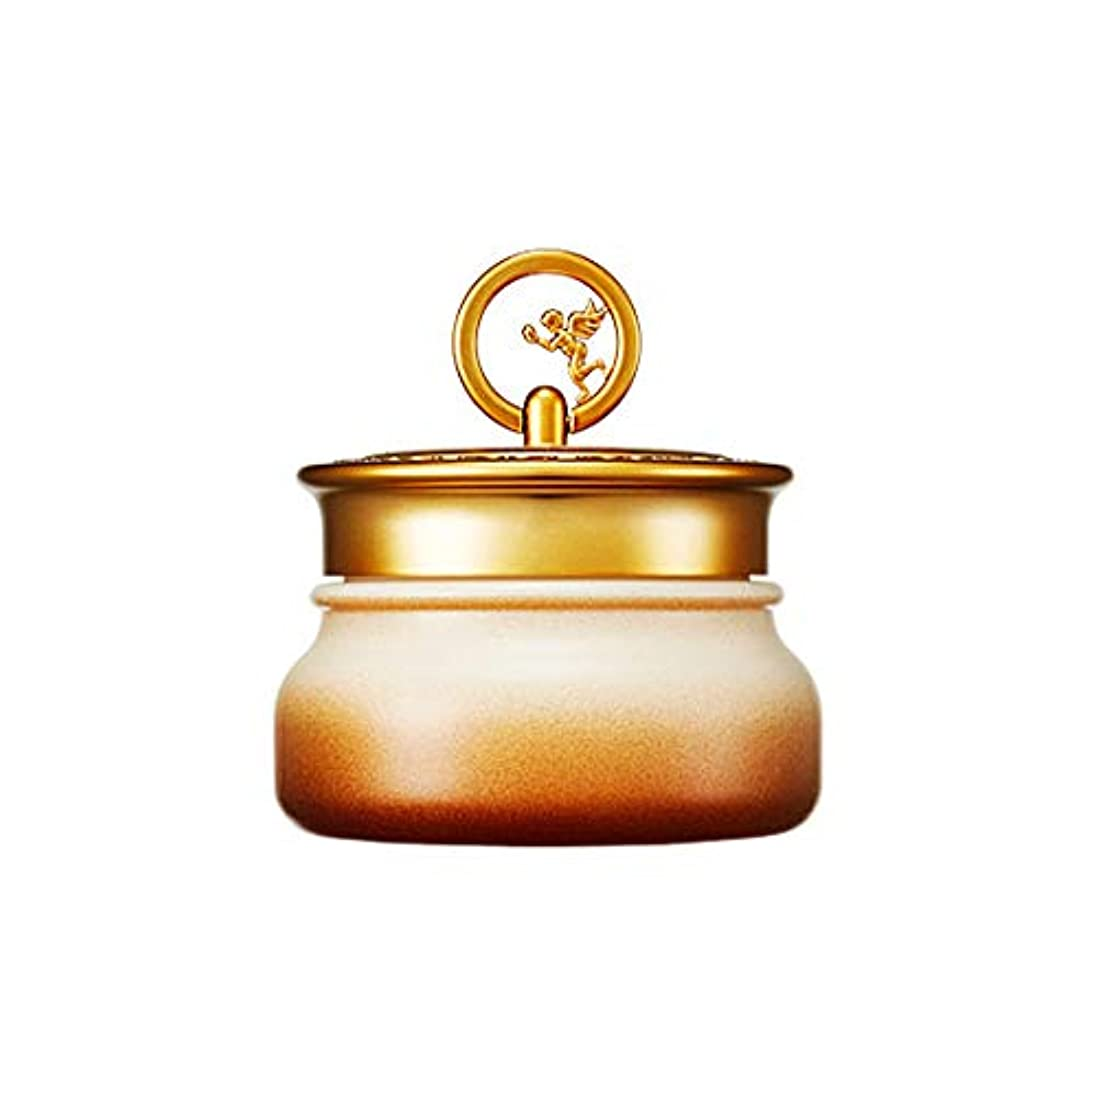 振る舞い中絶投げるSkinfood ゴールドキャビアクリーム(しわケア) / Gold Caviar Cream (wrinkle care) 45g [並行輸入品]